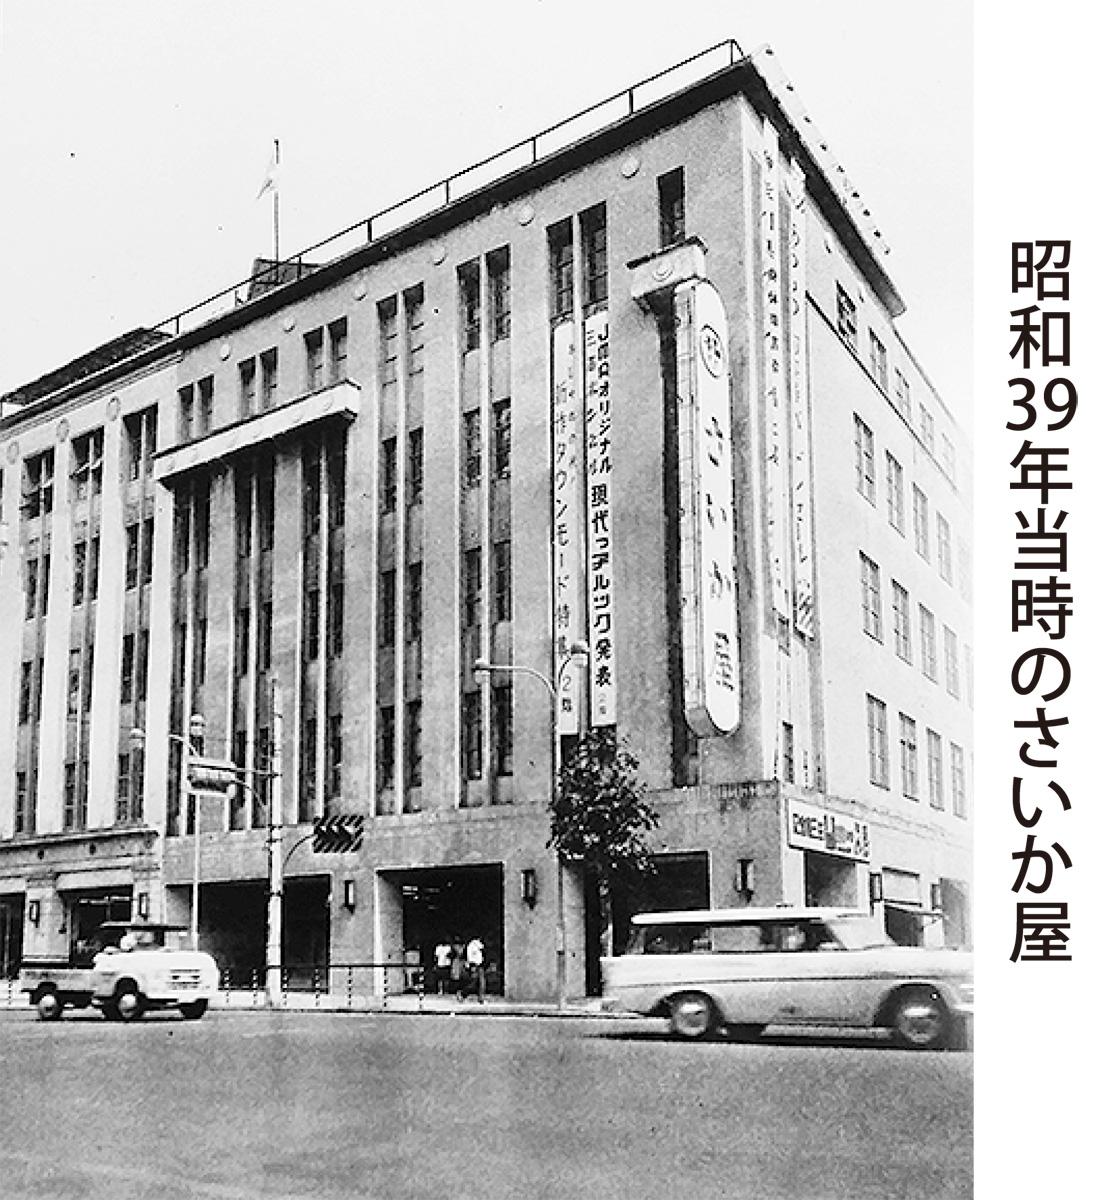 横須賀とデパートの歴史